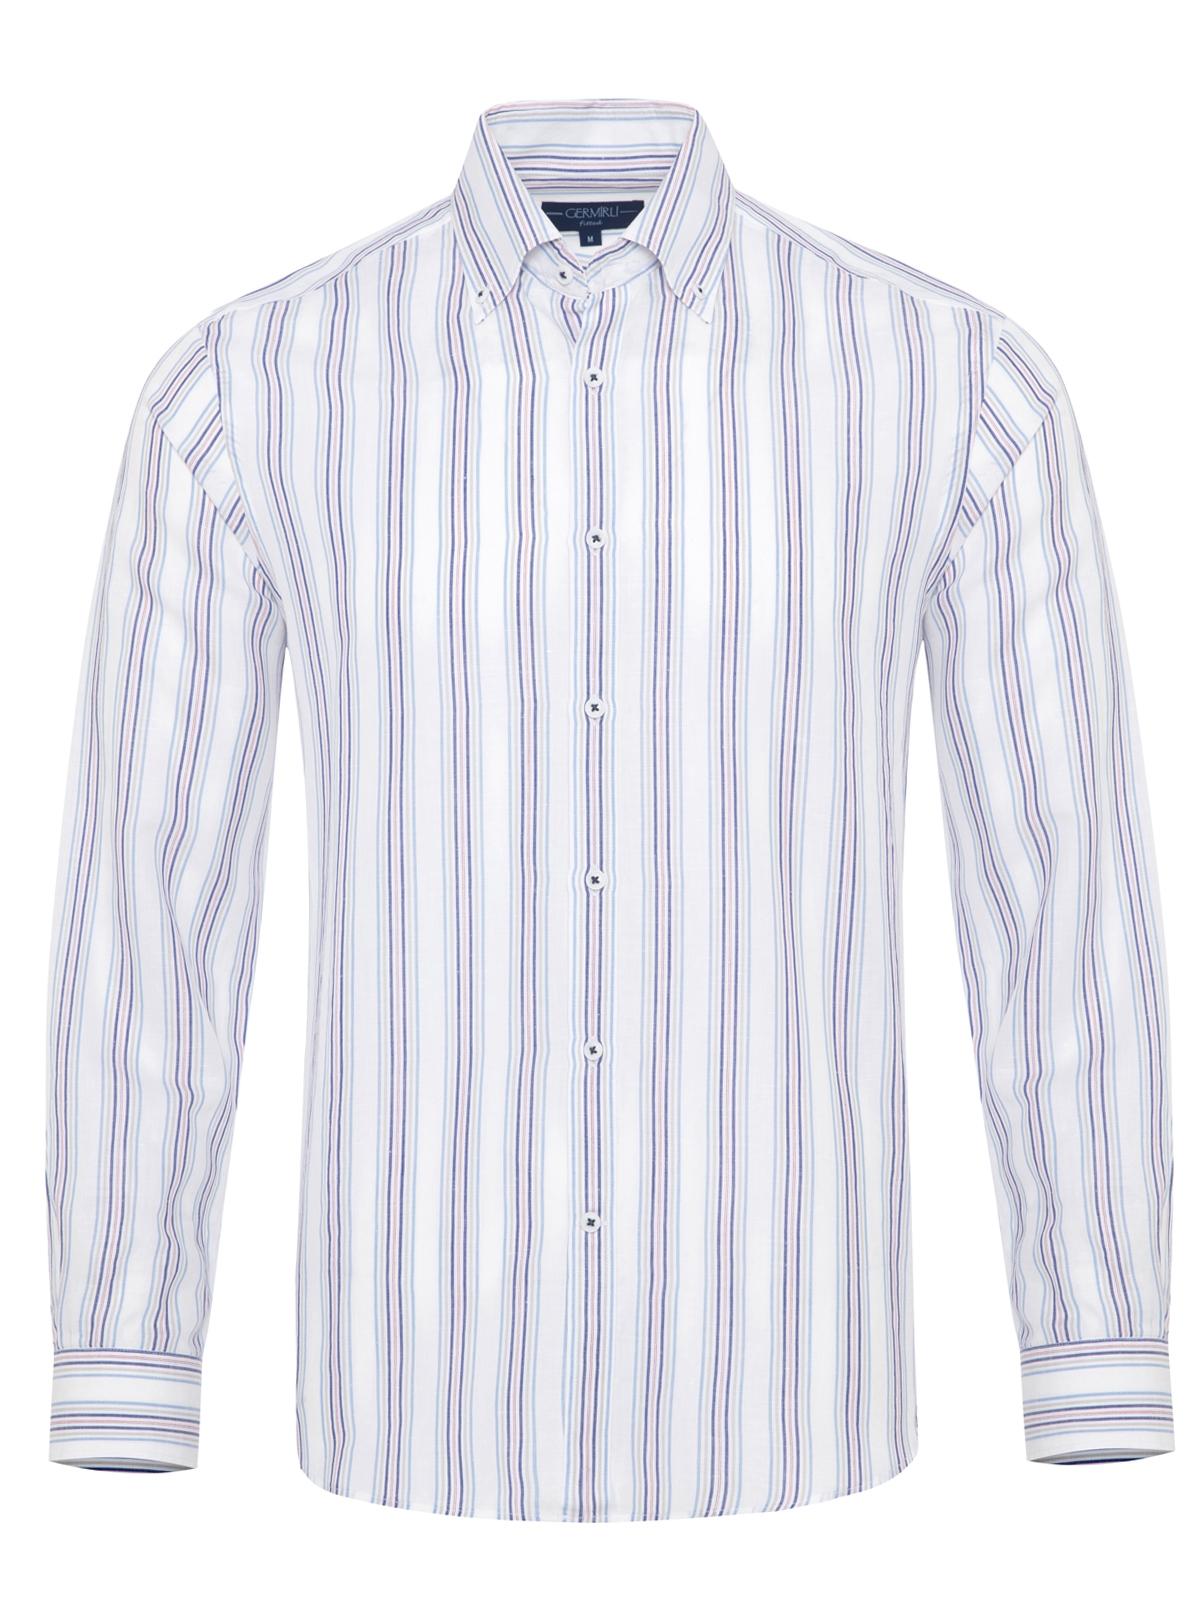 Germirli - Germirli Laci Mavi Gri Beyaz Çizgili Düğmeli Yaka Tailor Fit Gömlek